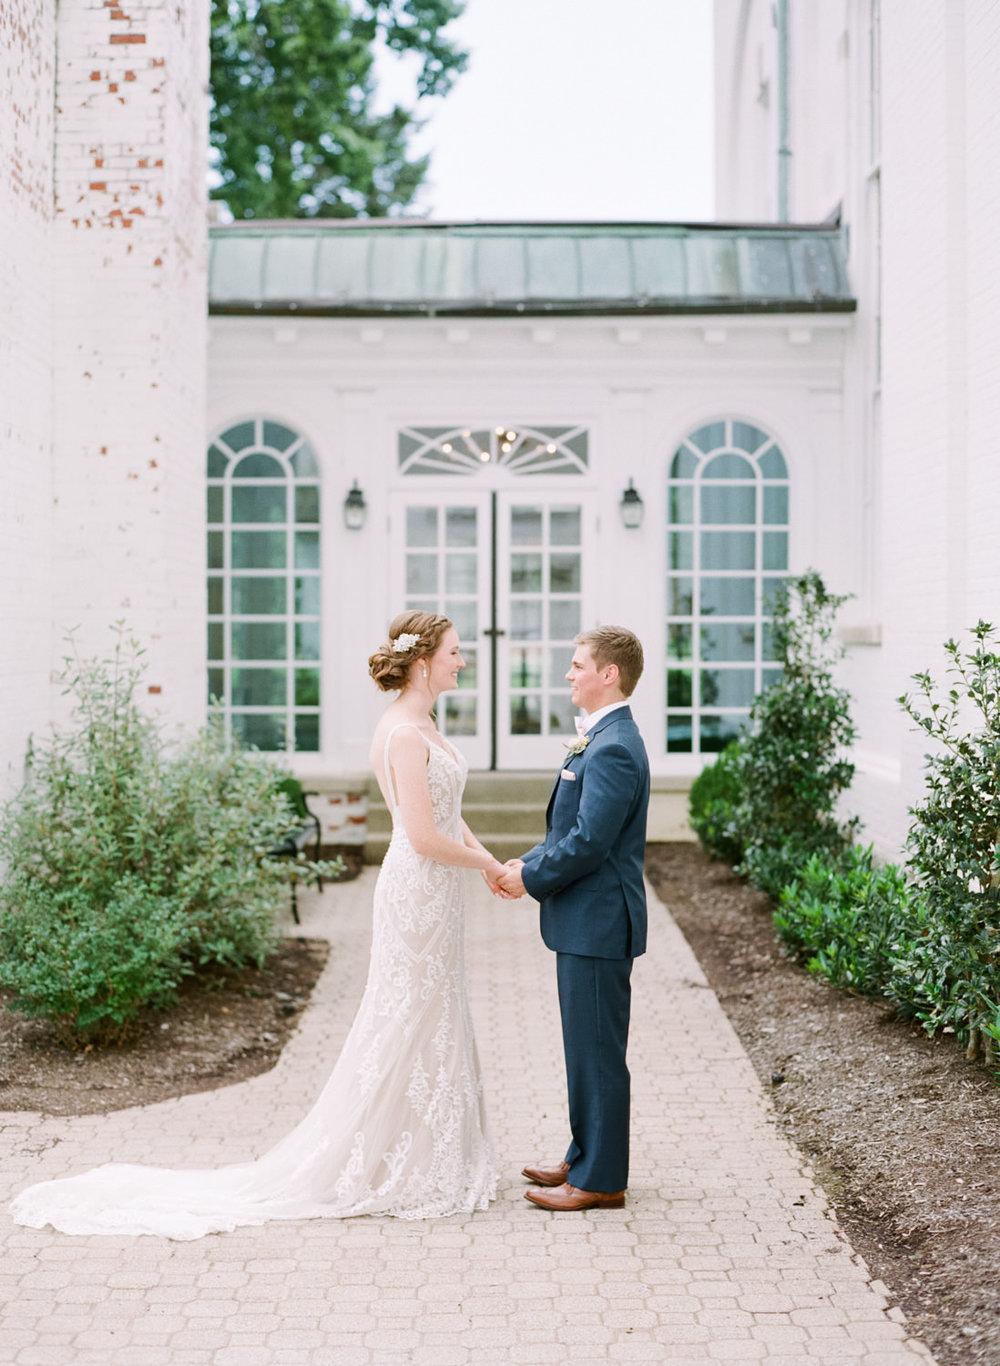 Jordan & Laurie Wedding at The Brown Hotel-51.jpg